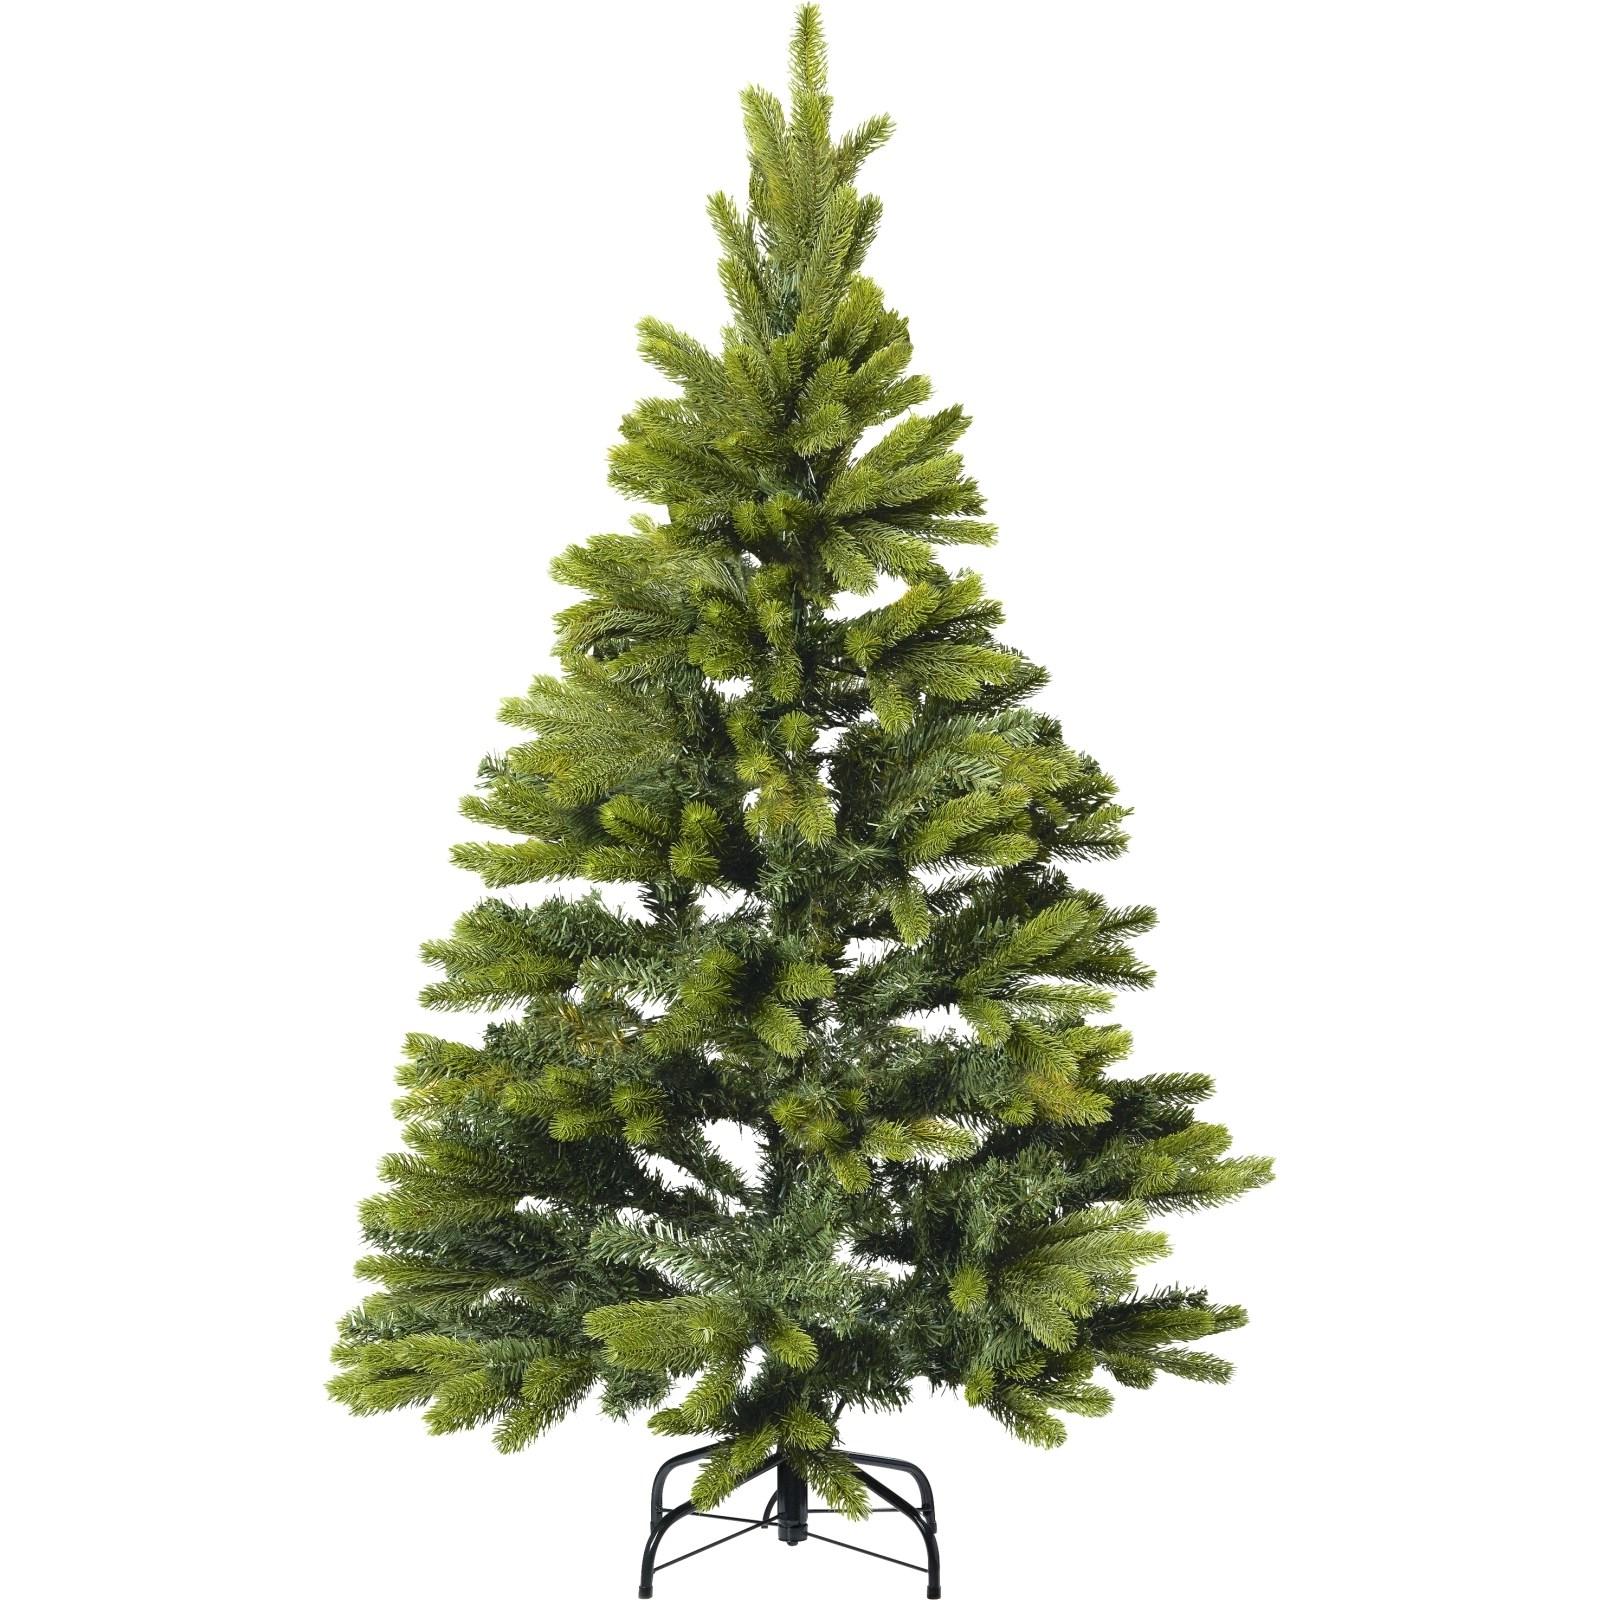 kuenstlicher weihnachtsbaum wie echt ostseesuche com. Black Bedroom Furniture Sets. Home Design Ideas